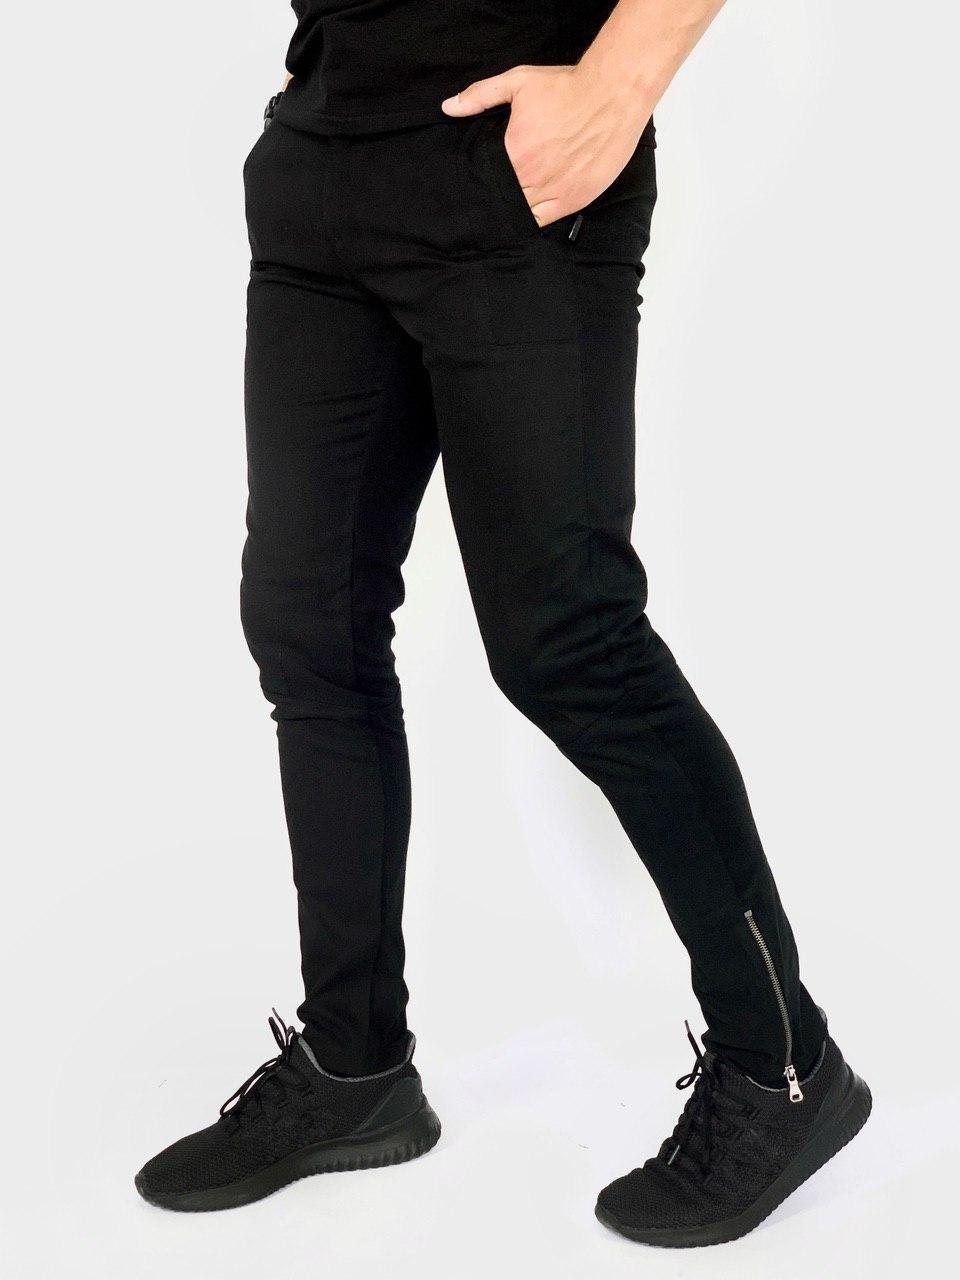 """Котоновые штаны Intruder """"Strider""""  XL Черные (1595930065/3)"""